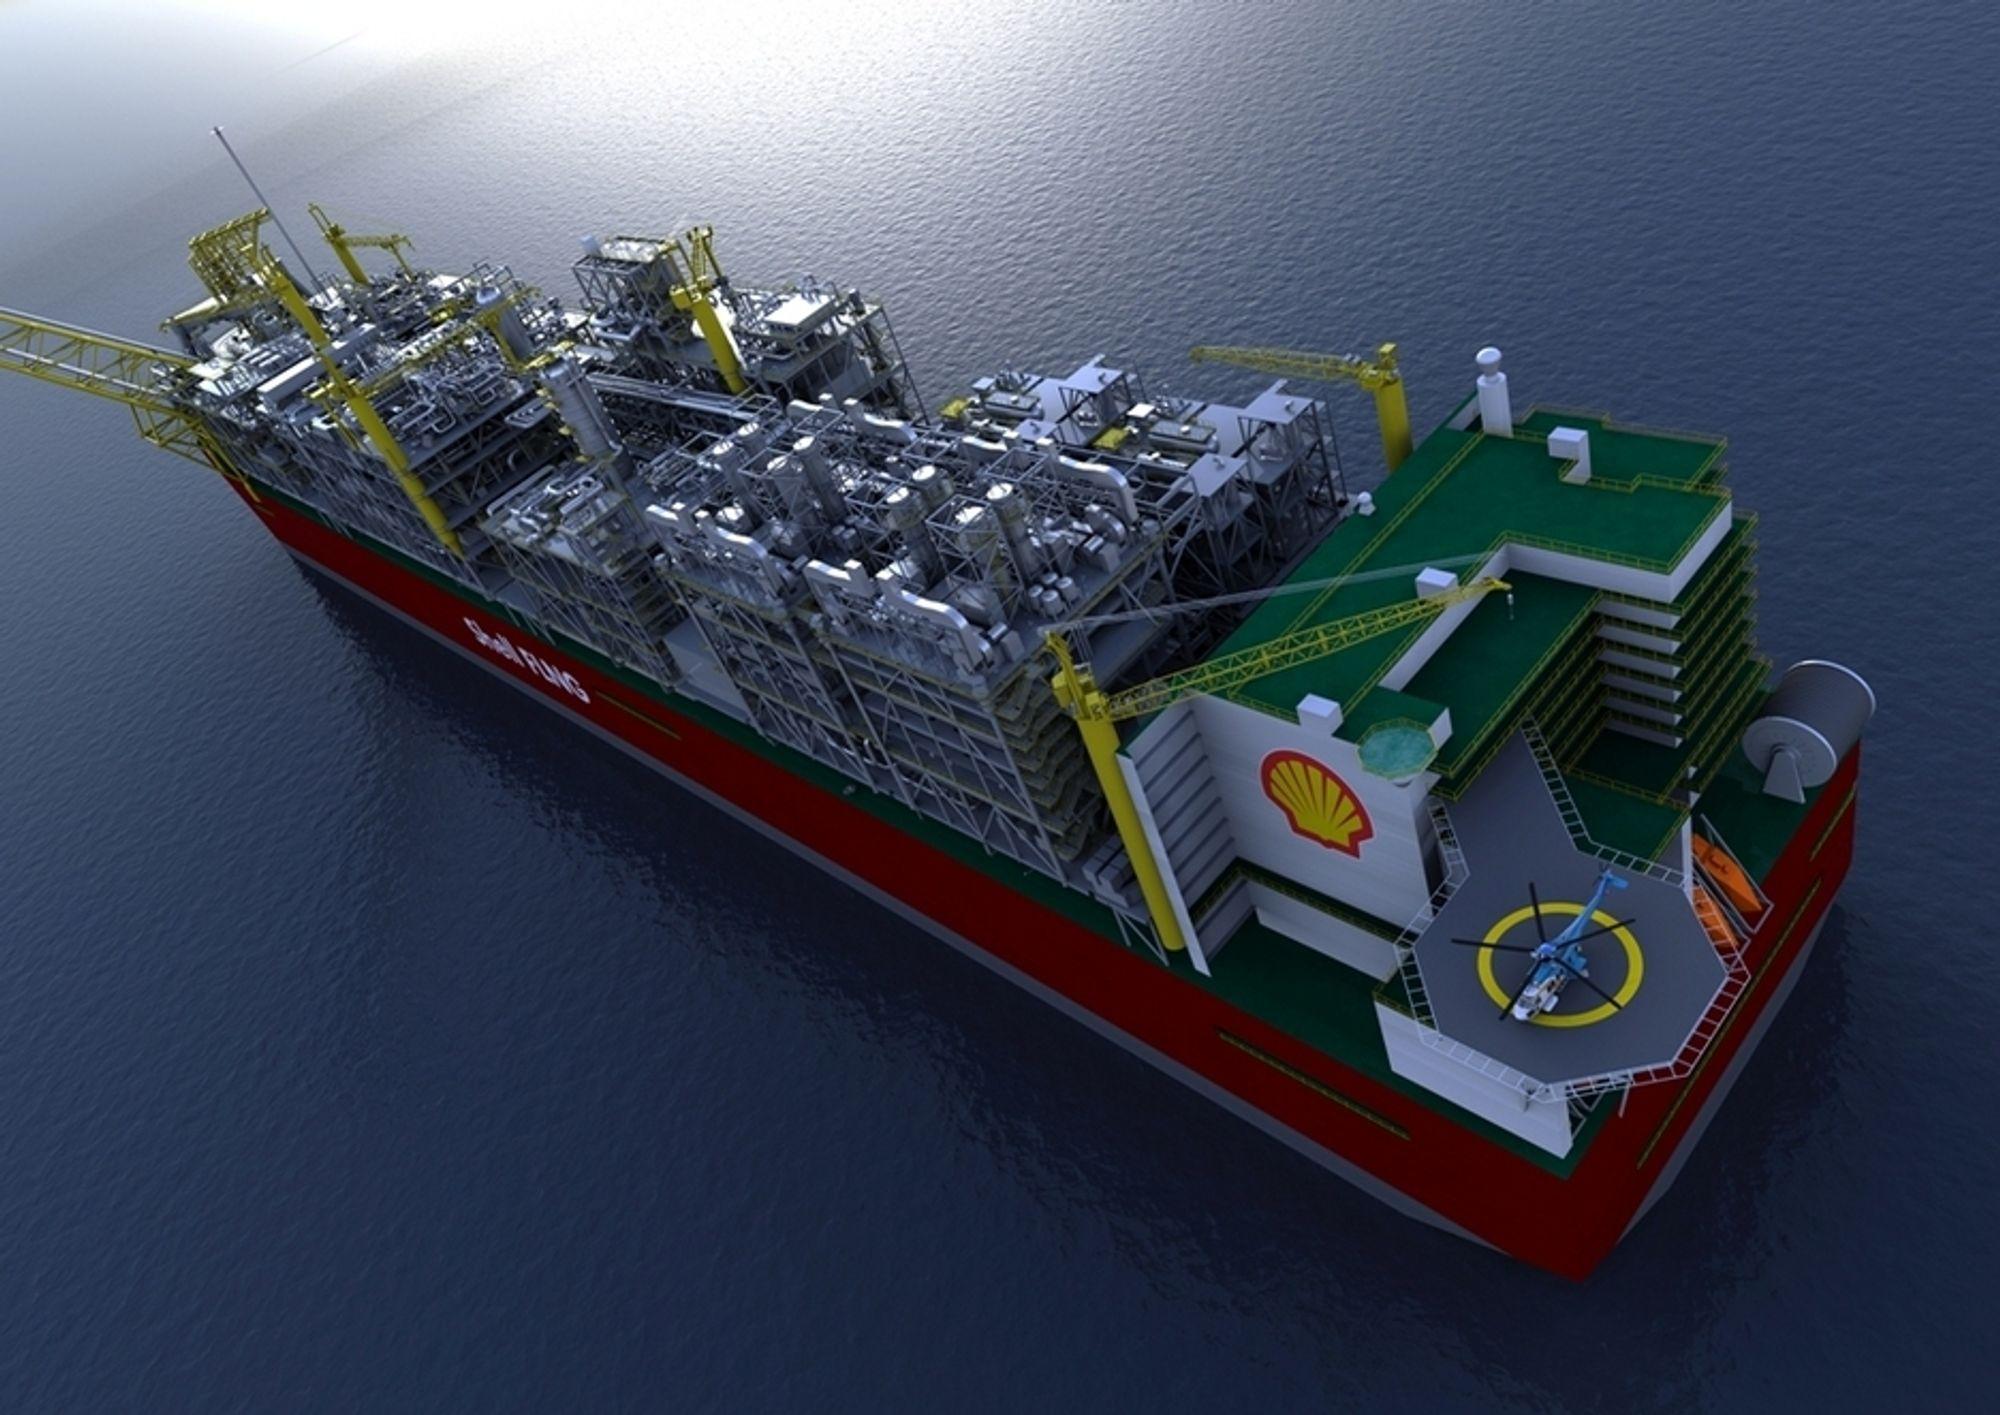 FØRSTE: Shells FLNG-prosjekt for Prelude-feltet. Fartøyet blir 488 meter langt og skal forankres 200 kilometer fra land. Gass behandles om bord og kjøles ned til flytende form (LNG).